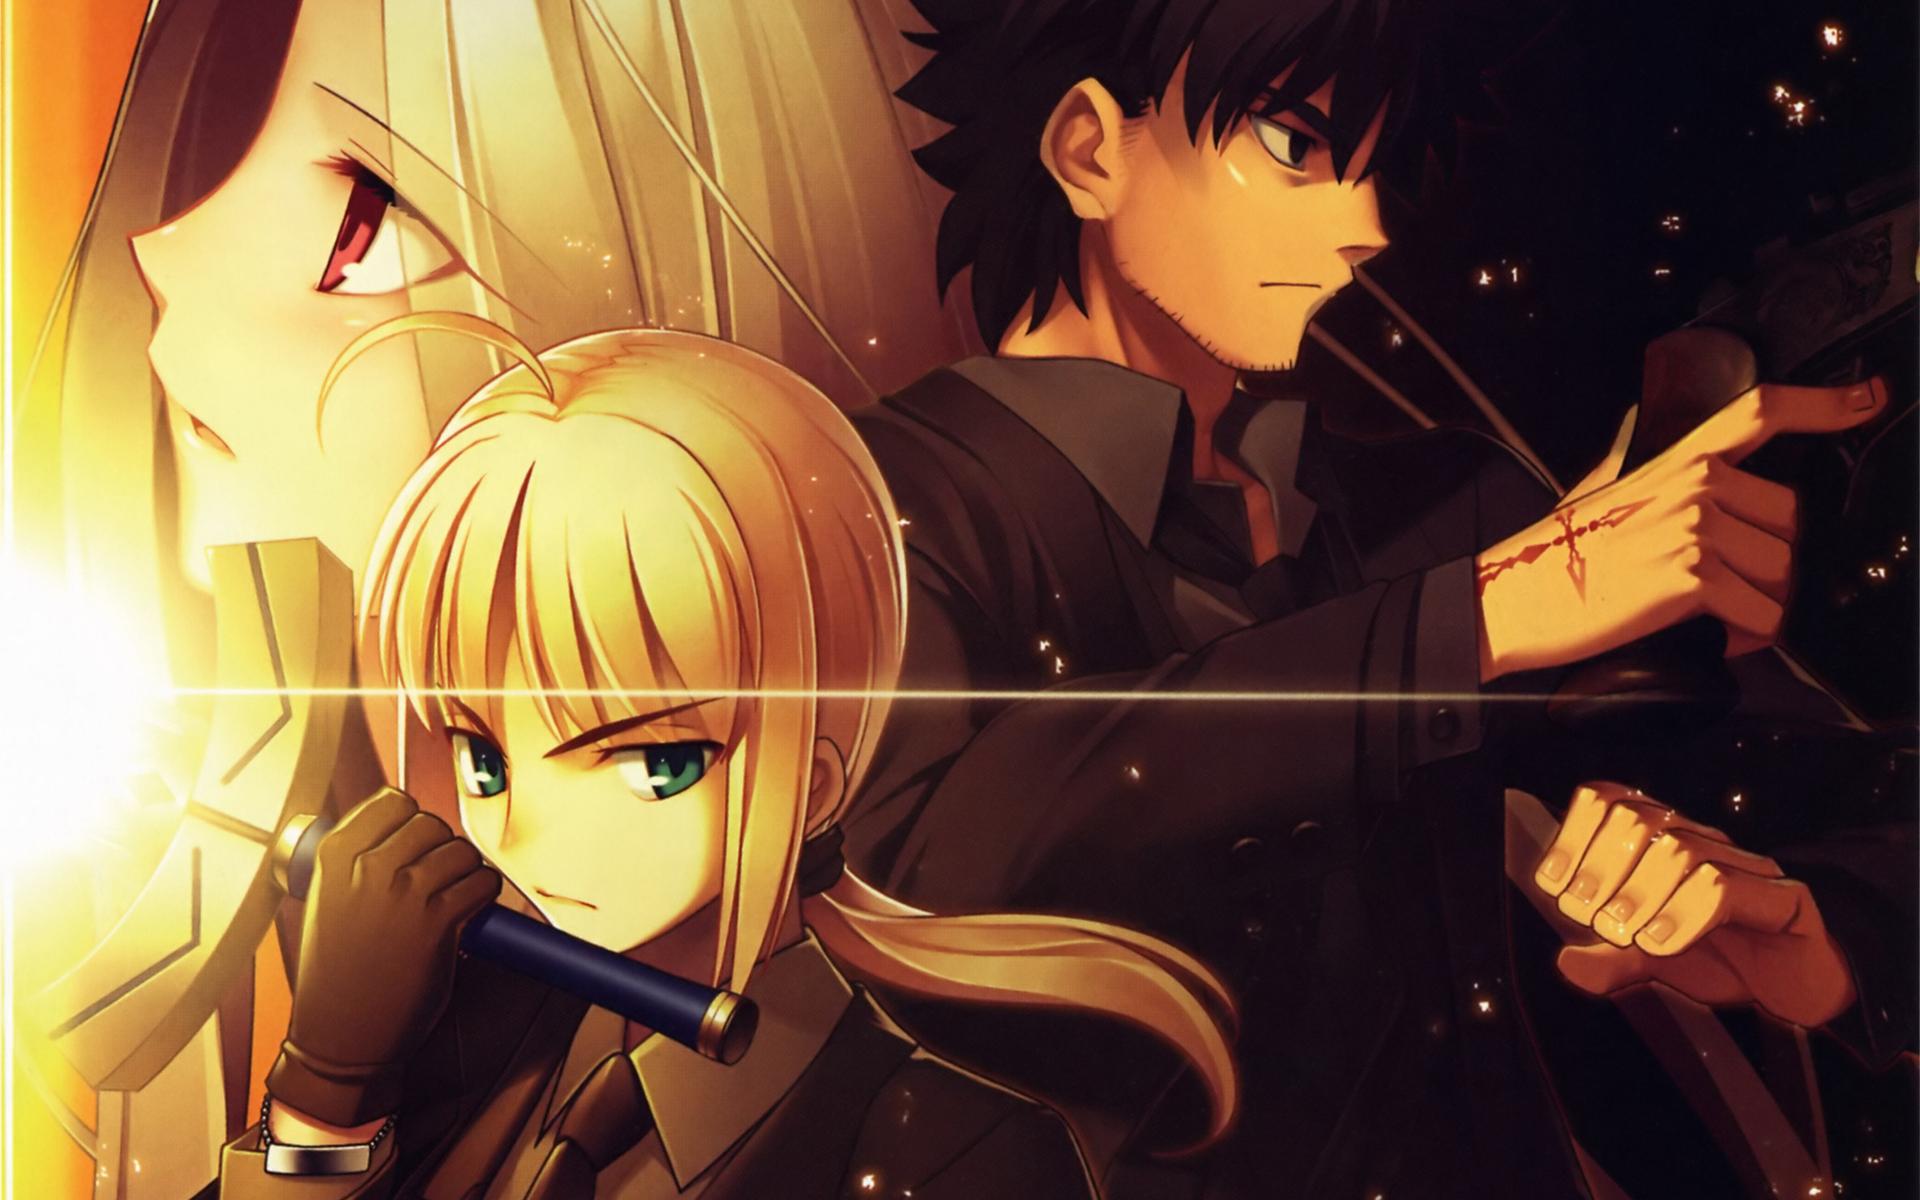 Fate Zero Anime Free Download